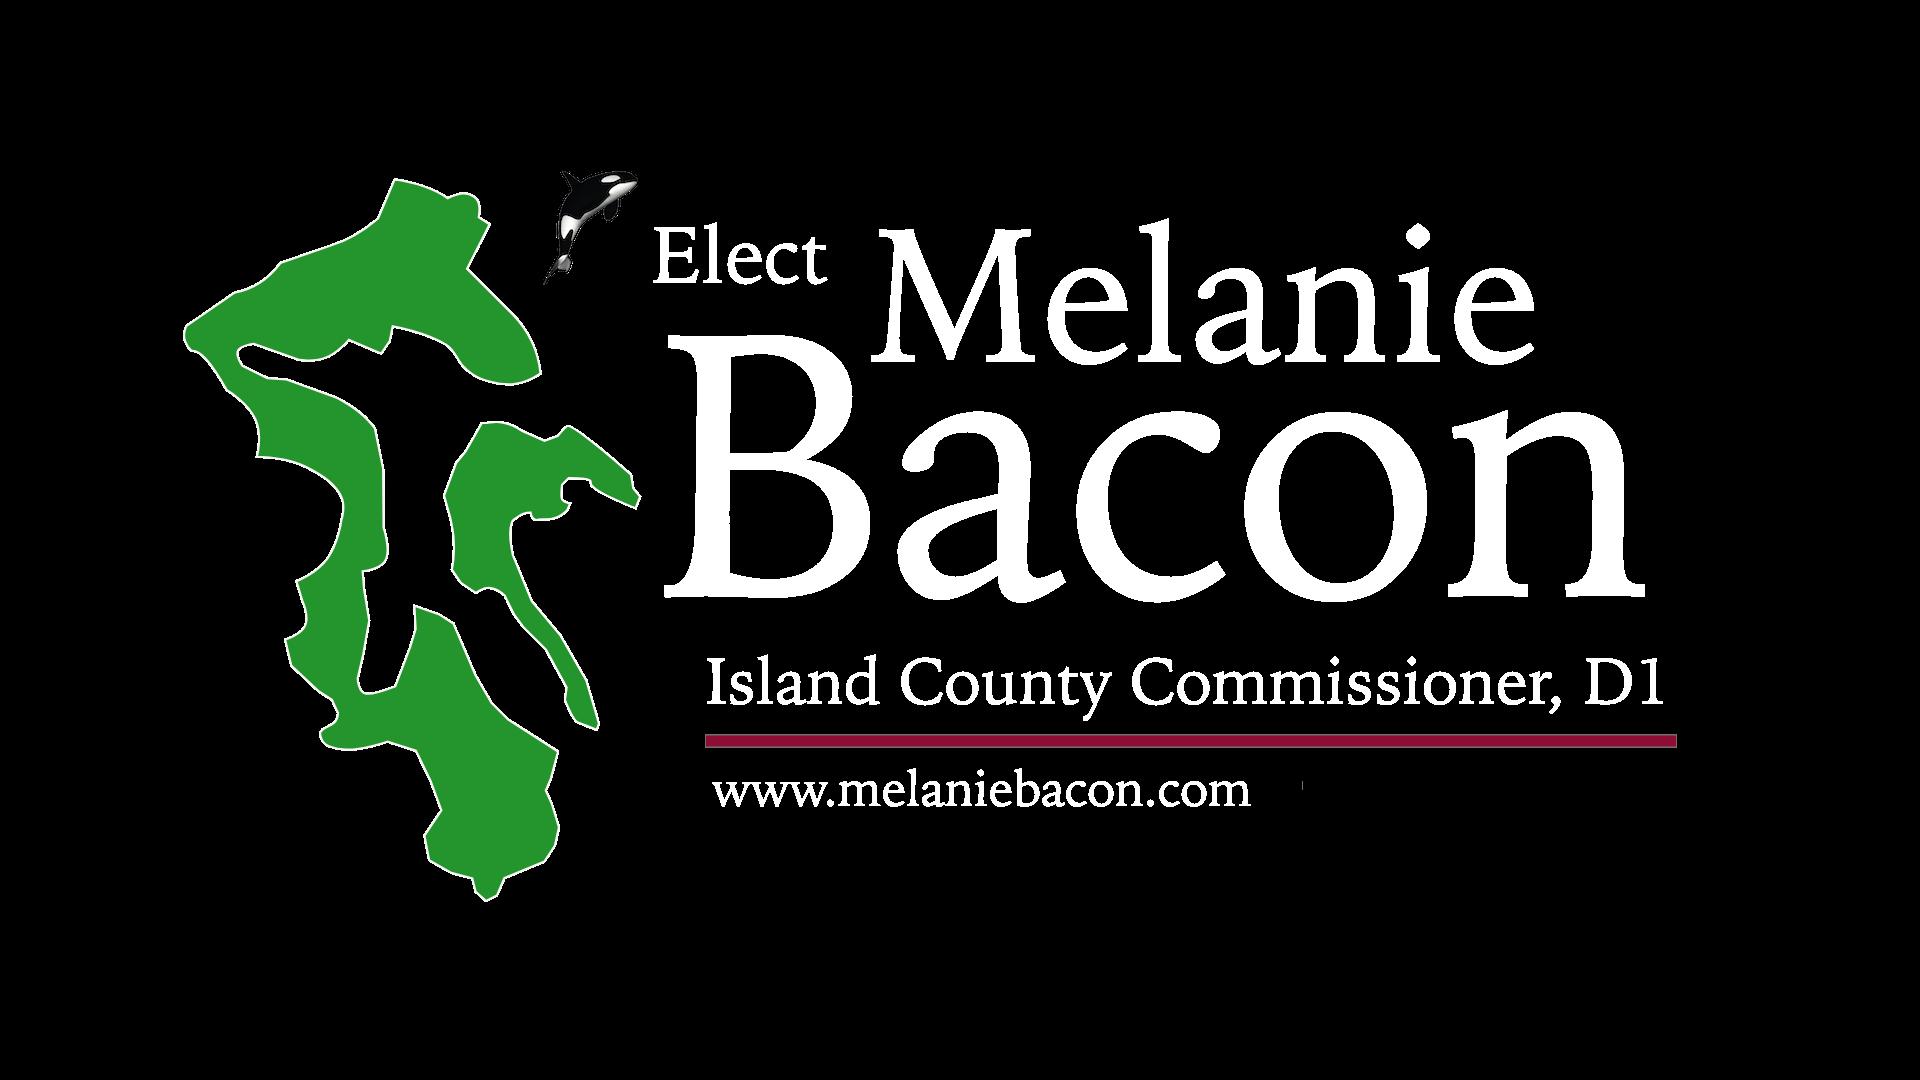 Melanie Bacon